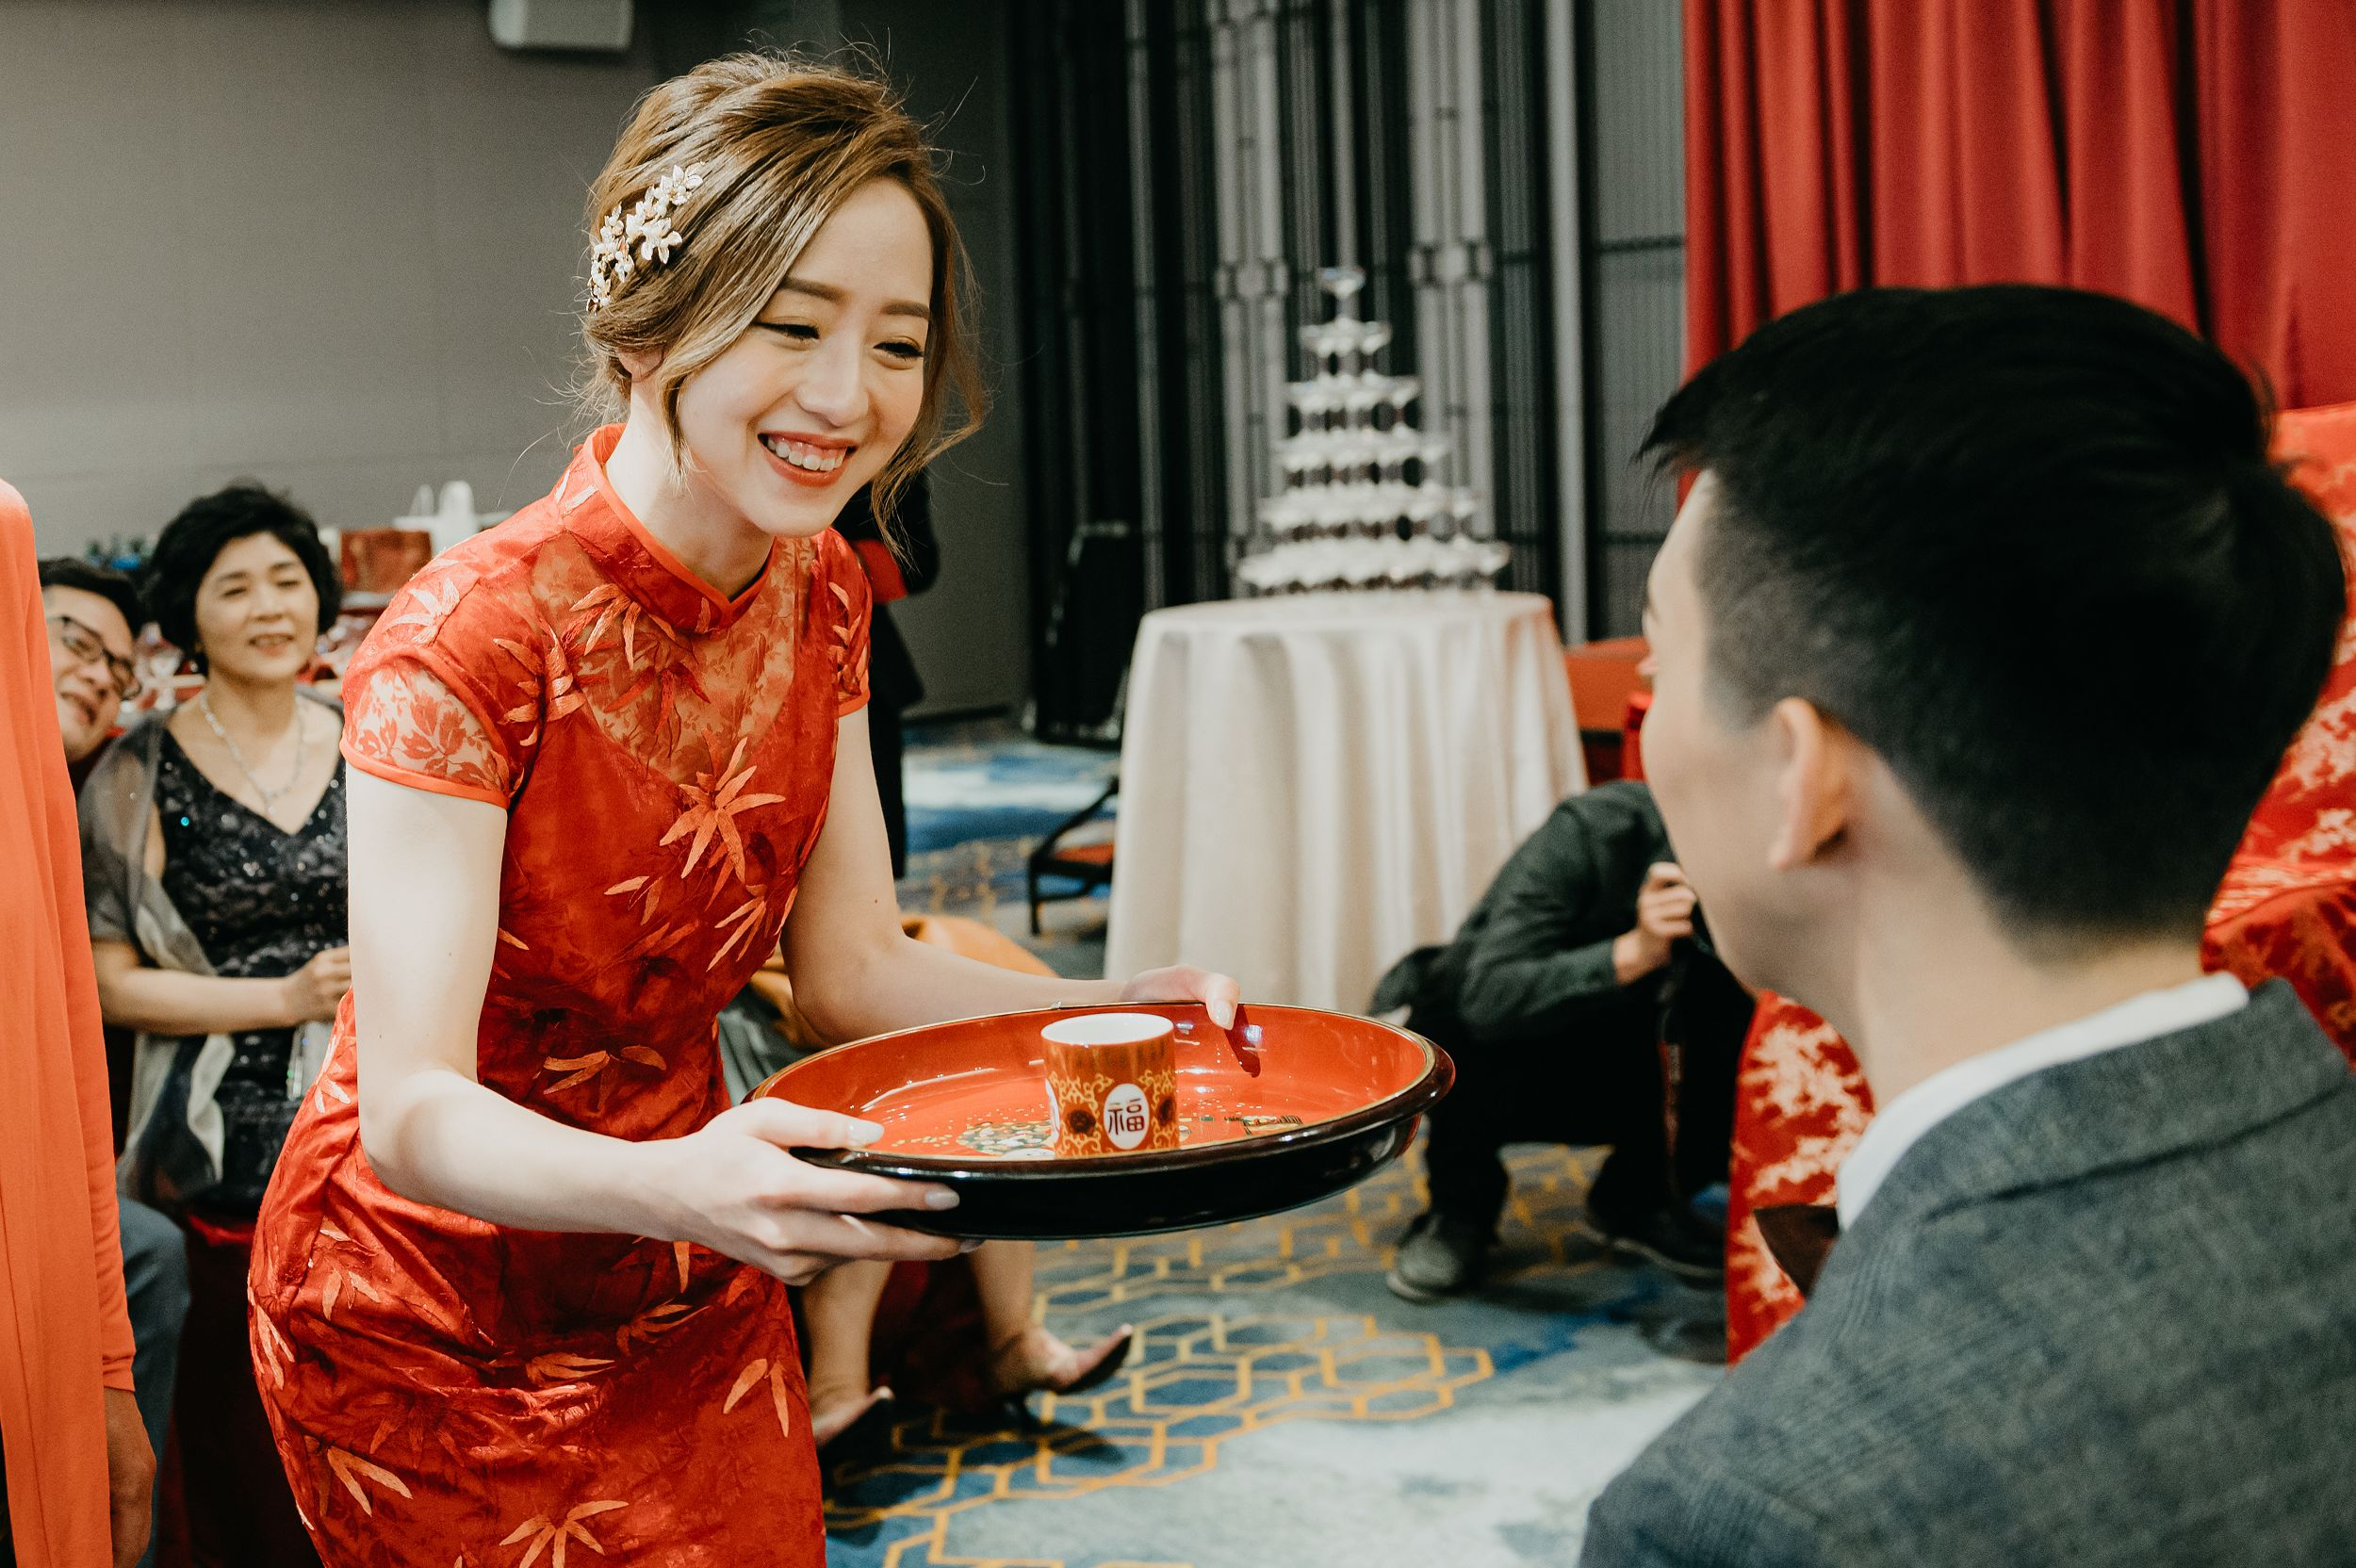 婚禮攝影,婚攝,台北攝影師,新娘物語推薦,ptt推薦婚攝,徐州路二號,婚宴會館,新秘,造型師,雙機攝影,婚禮小物,類婚紗,